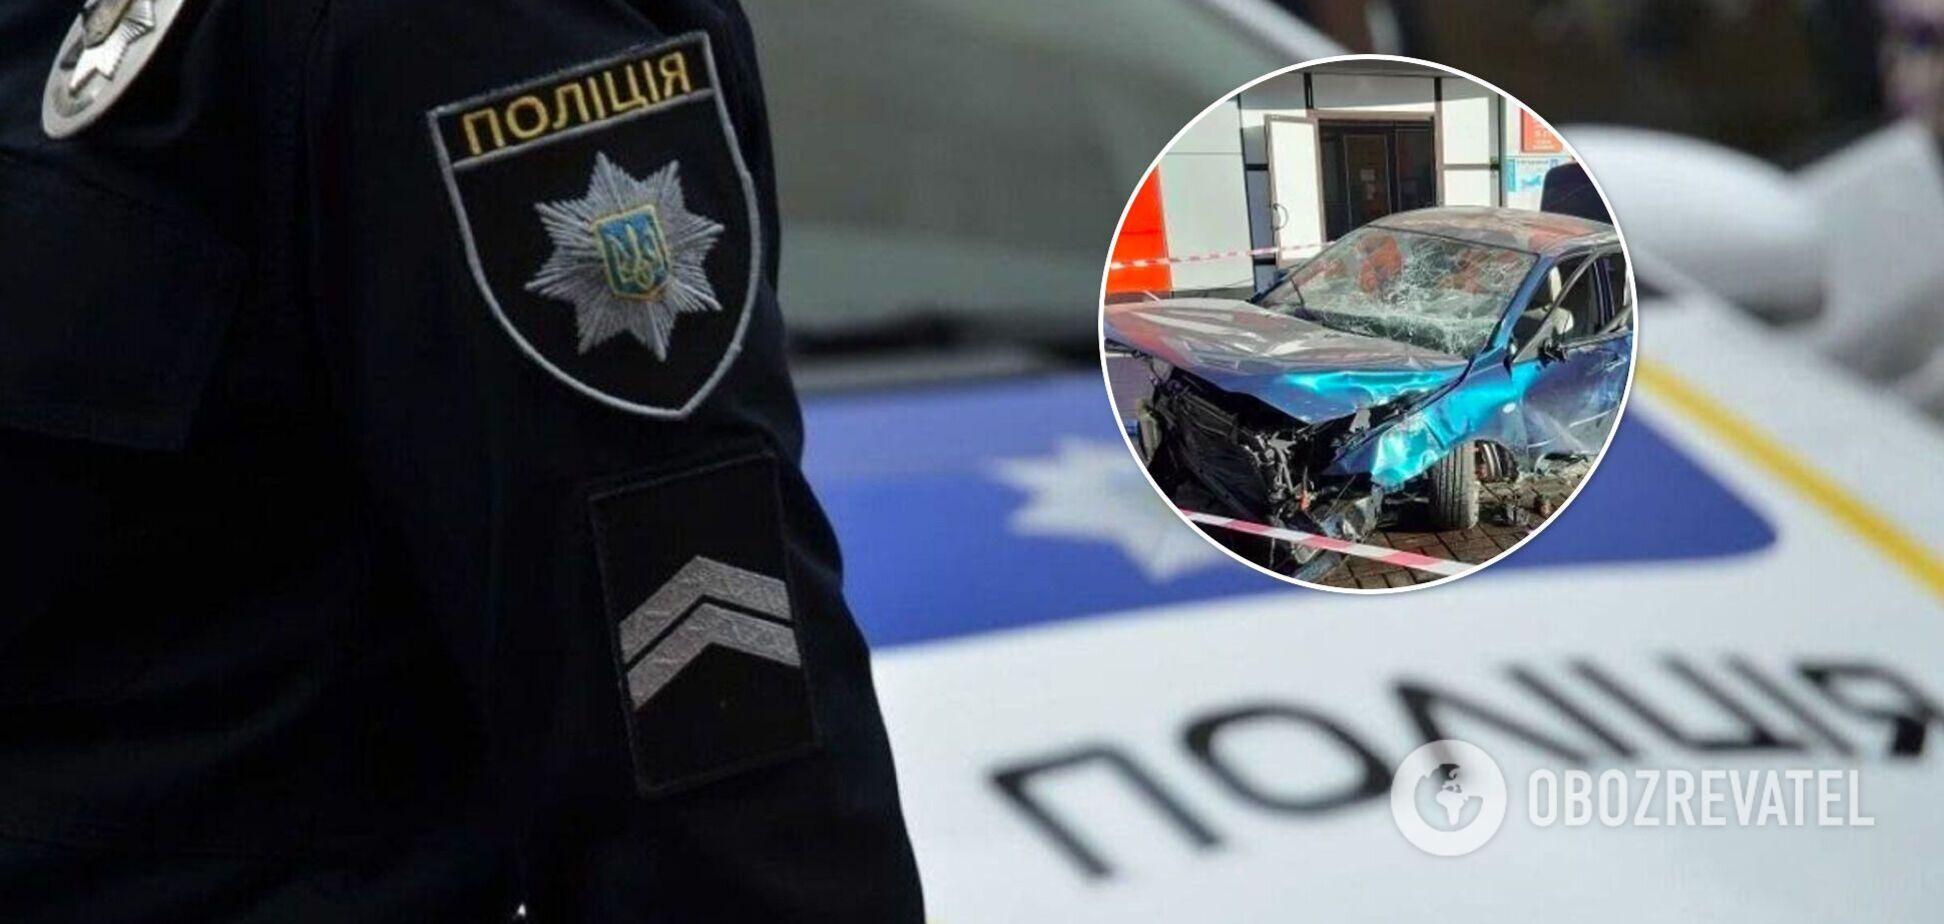 На Кіровоградщині авто на швидкості вилетіло на тротуар і збило дівчину, вона померла на місці. Фото